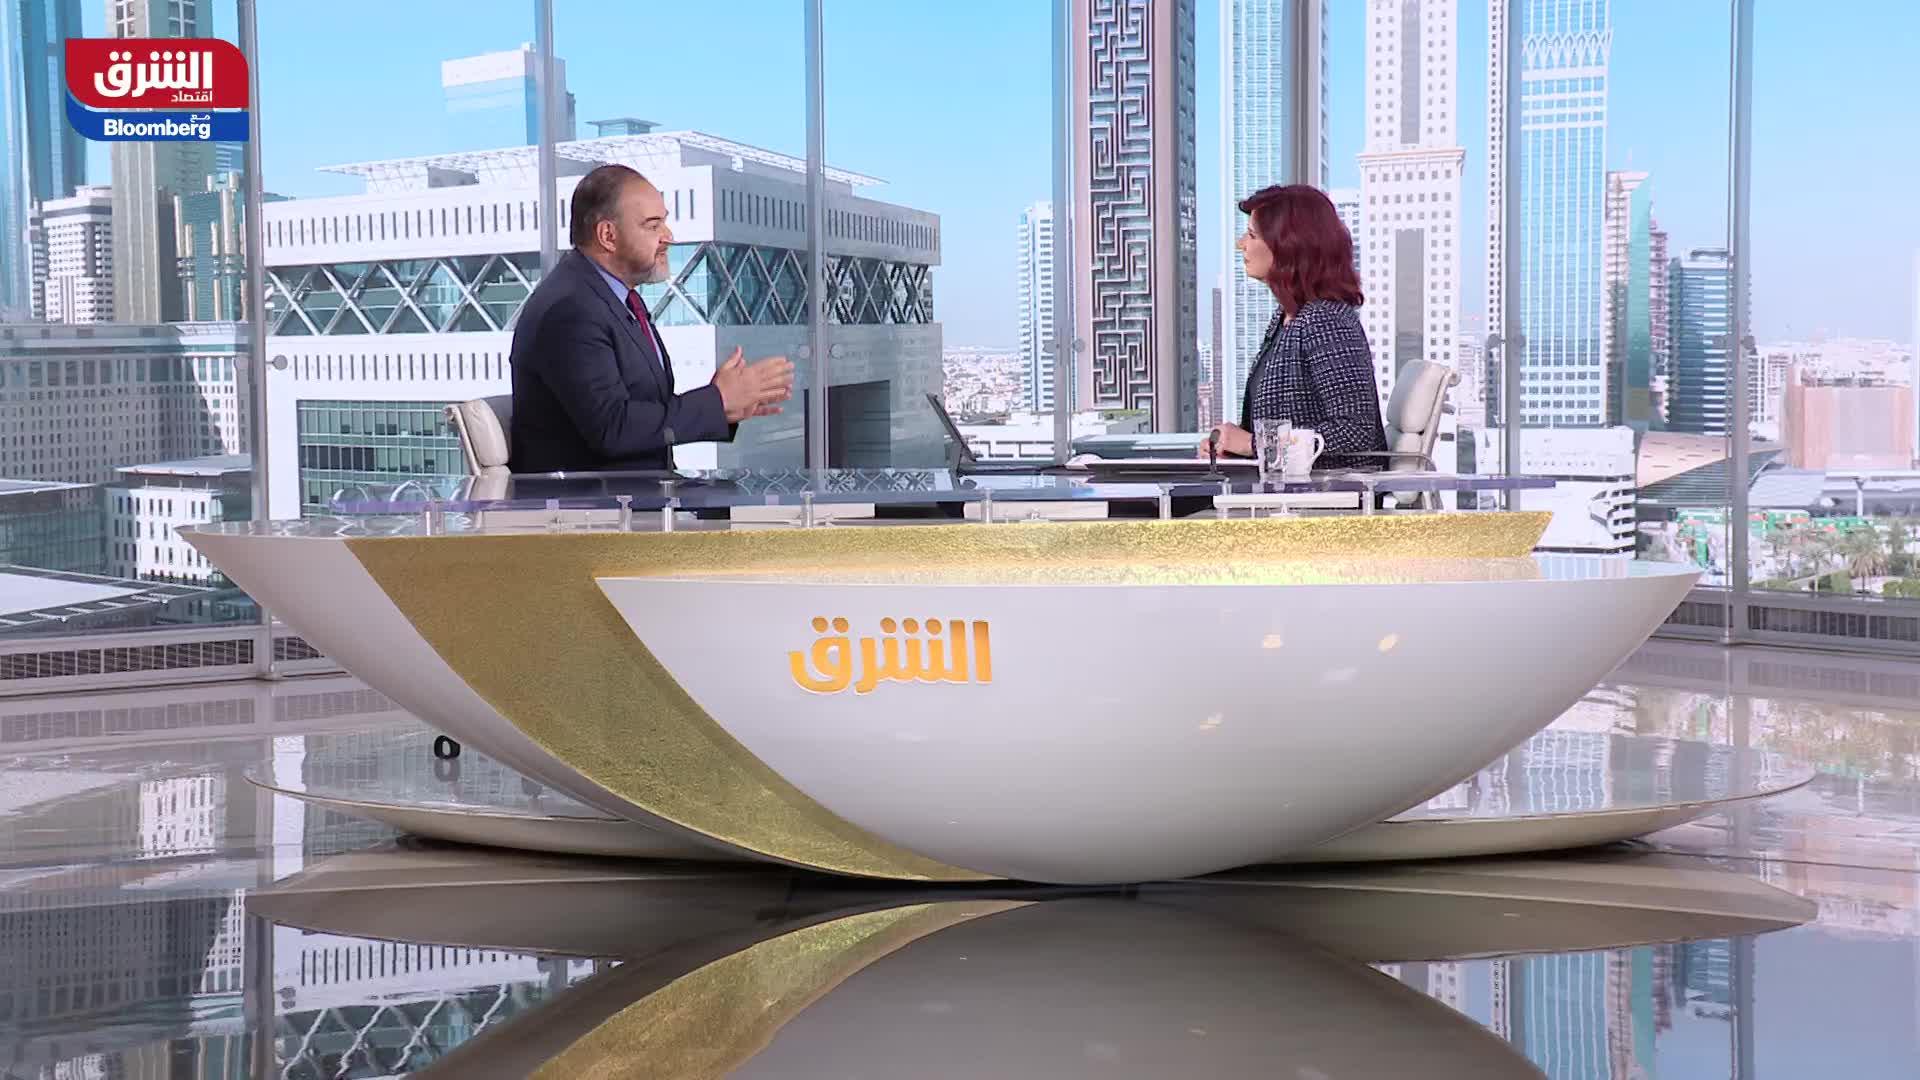 محمد علي ياسين - الرئيس التنفيذي للاستراتيجيات في الظبي كابيتال